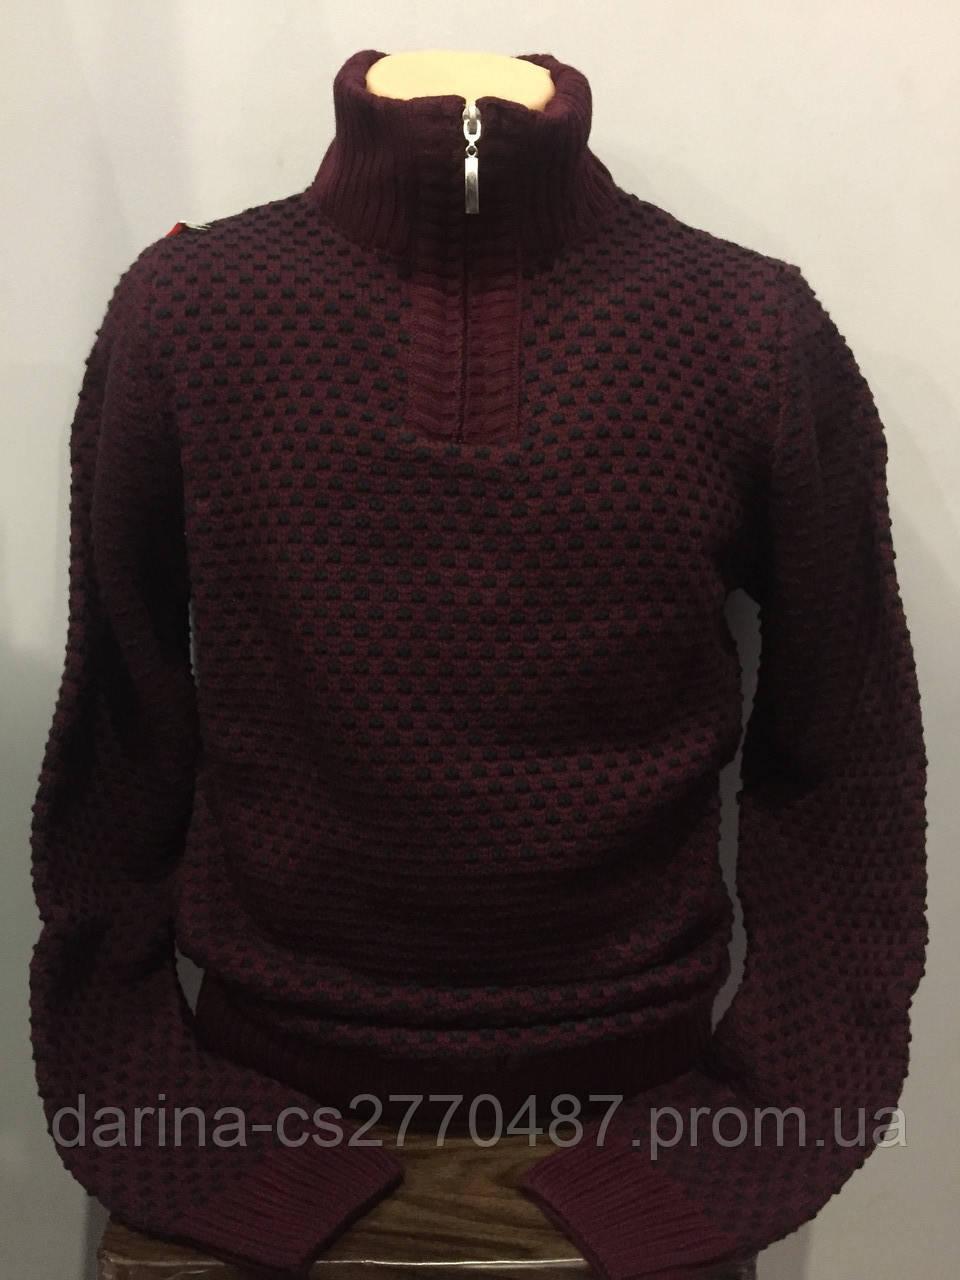 Теплый мужской свитер с высоким воротником на молнии M,L,XL